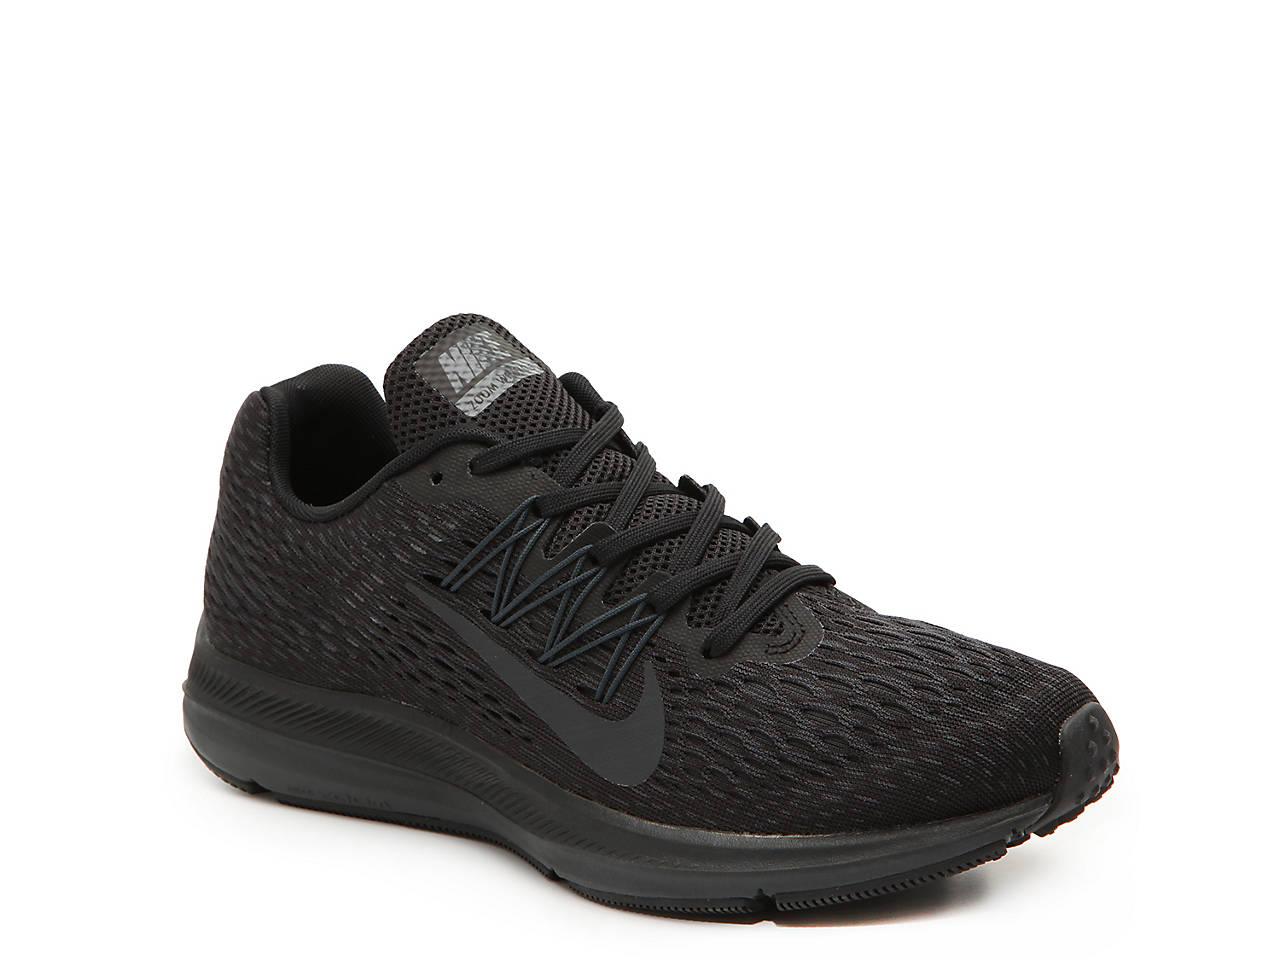 8421e40fc502 Nike Zoom Winflo 5 Running Shoe - Women s Women s Shoes